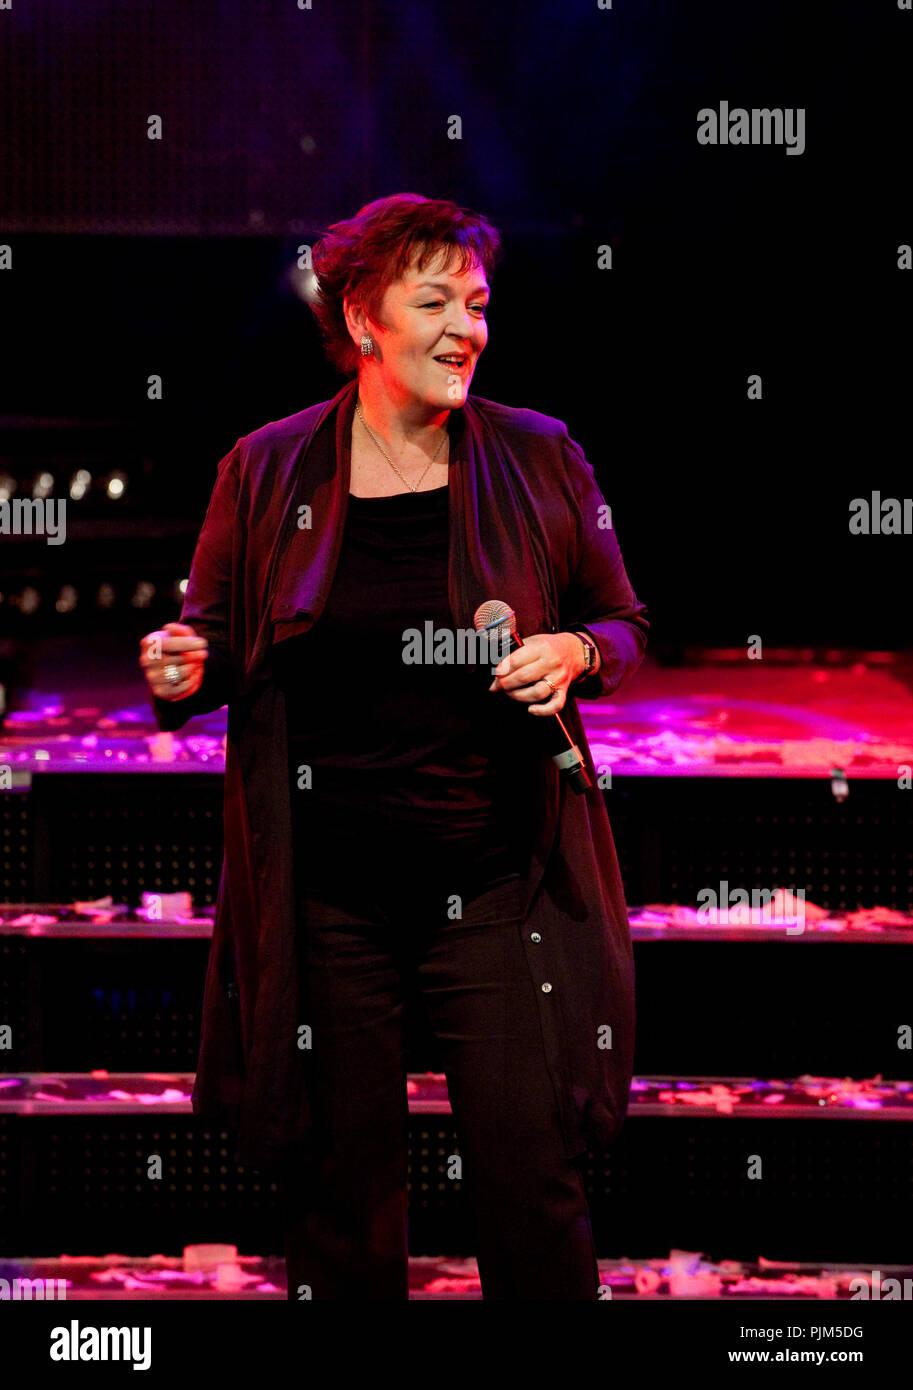 Un extrait de la comédie musicale, n'abandonnent jamais le Cœur à la Vlaamse Musicalprijzen cérémonie (Belgique, 28/09/2010) Photo Stock